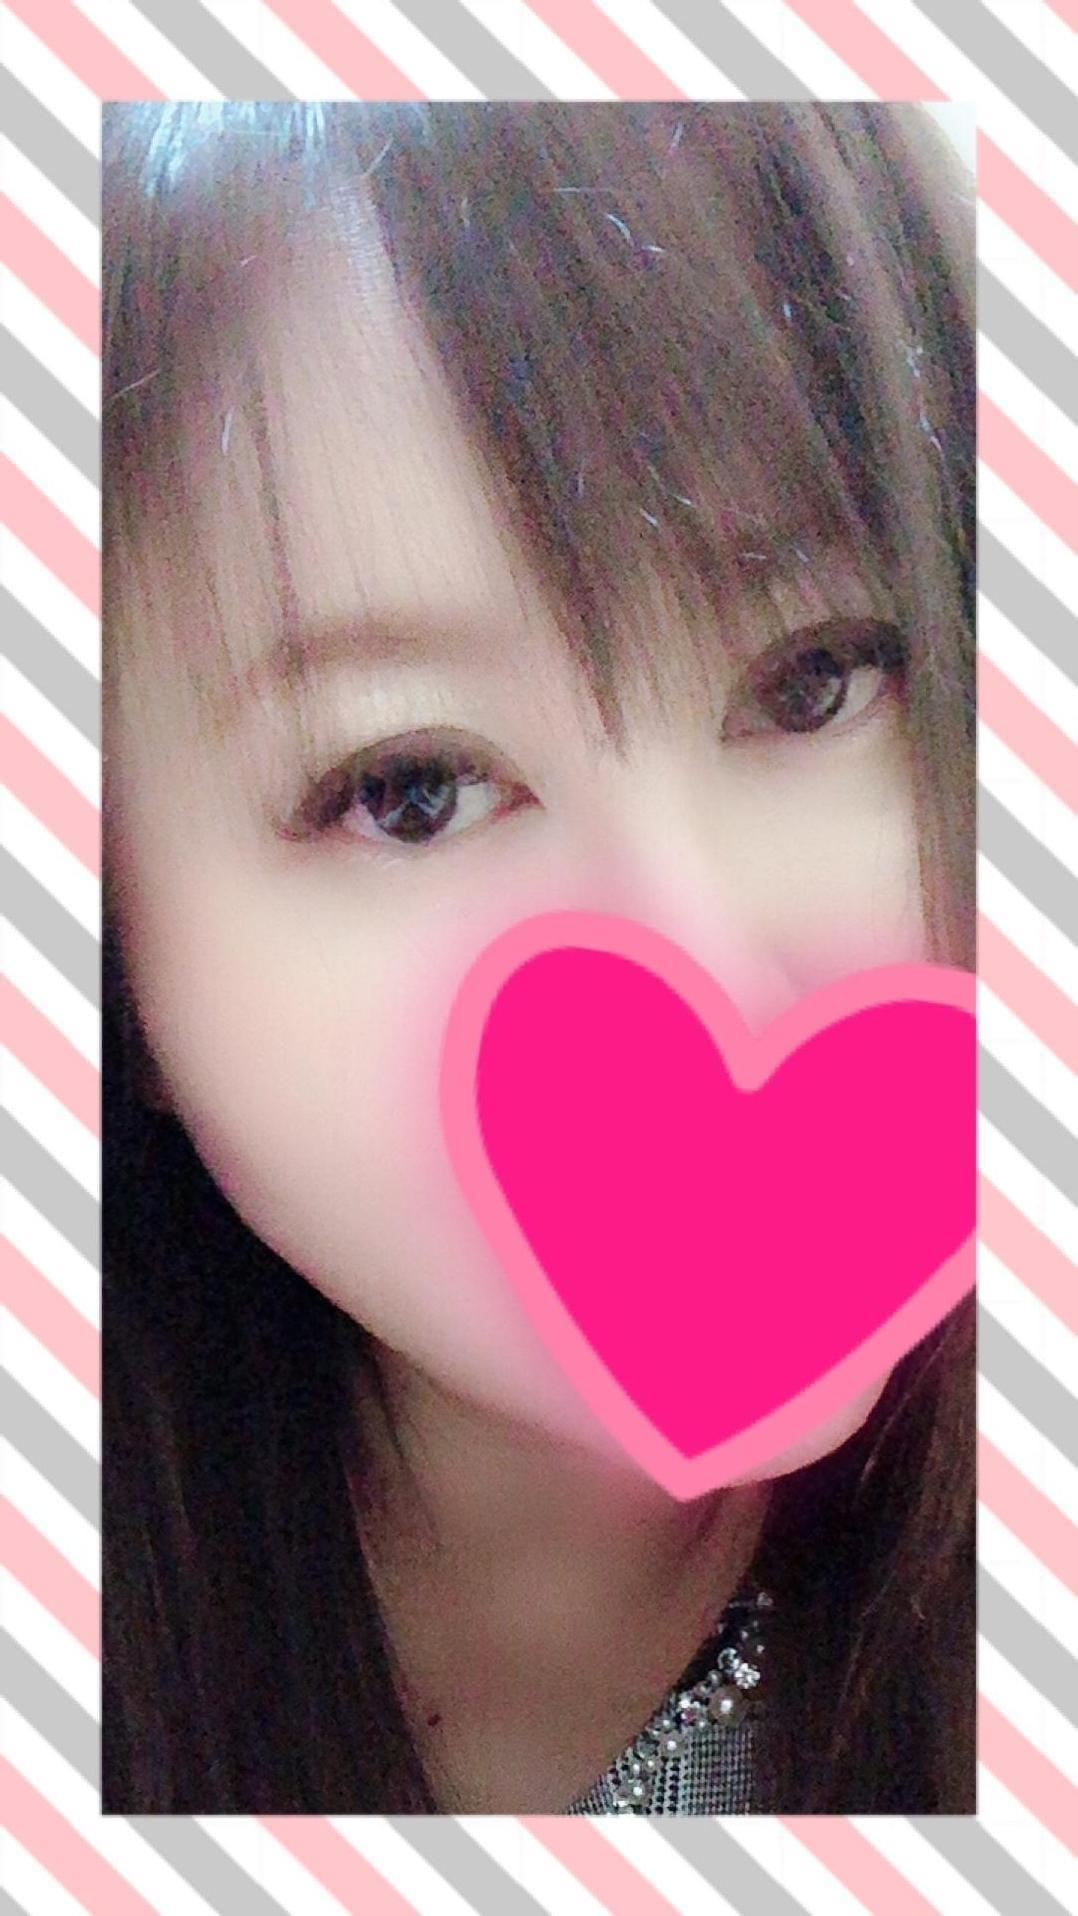 「こんにちは」10/01(月) 17:47 | れなの写メ・風俗動画